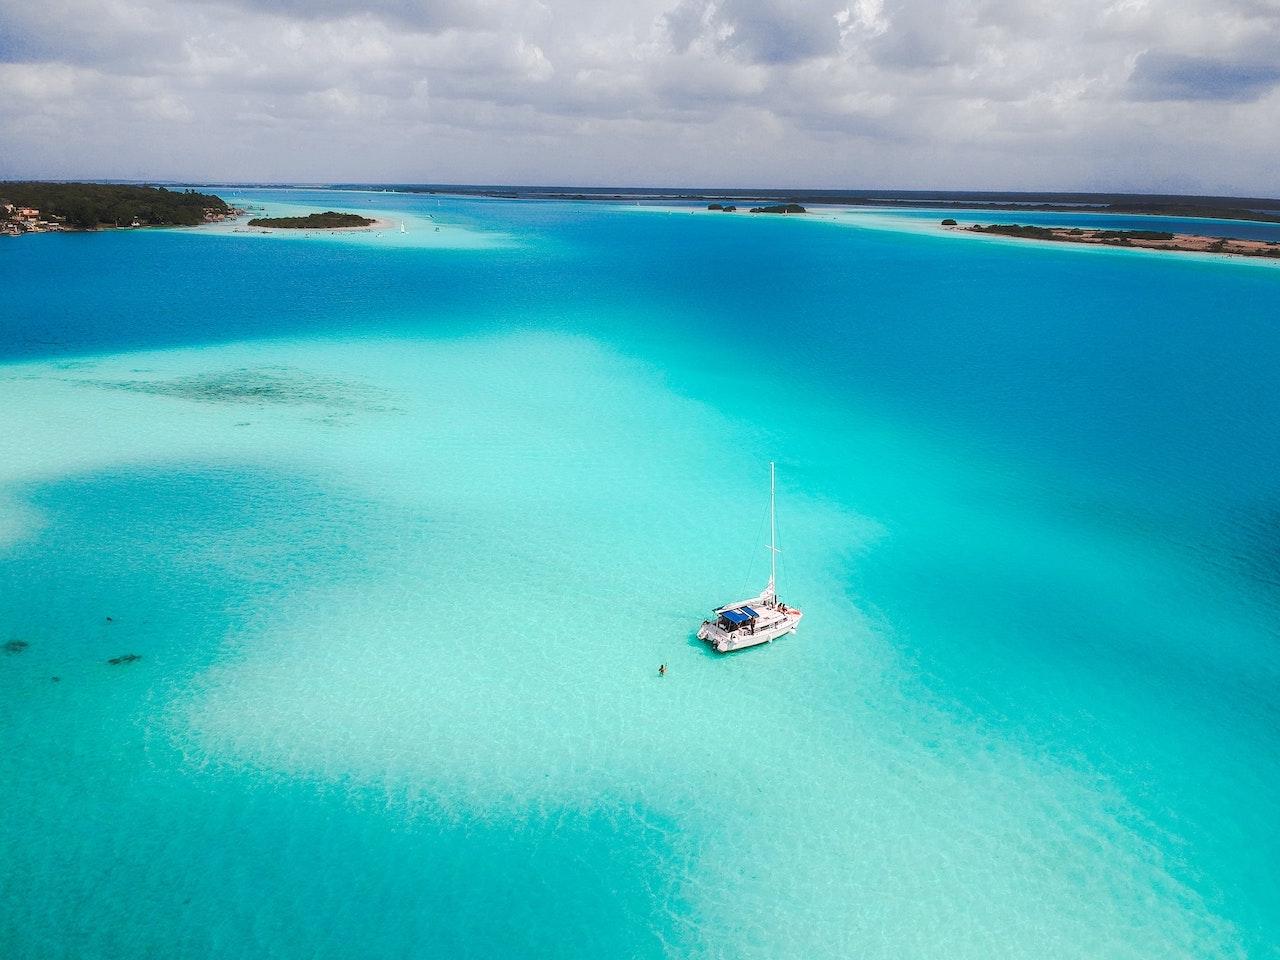 Barco flotando en la laguna de Bacalar